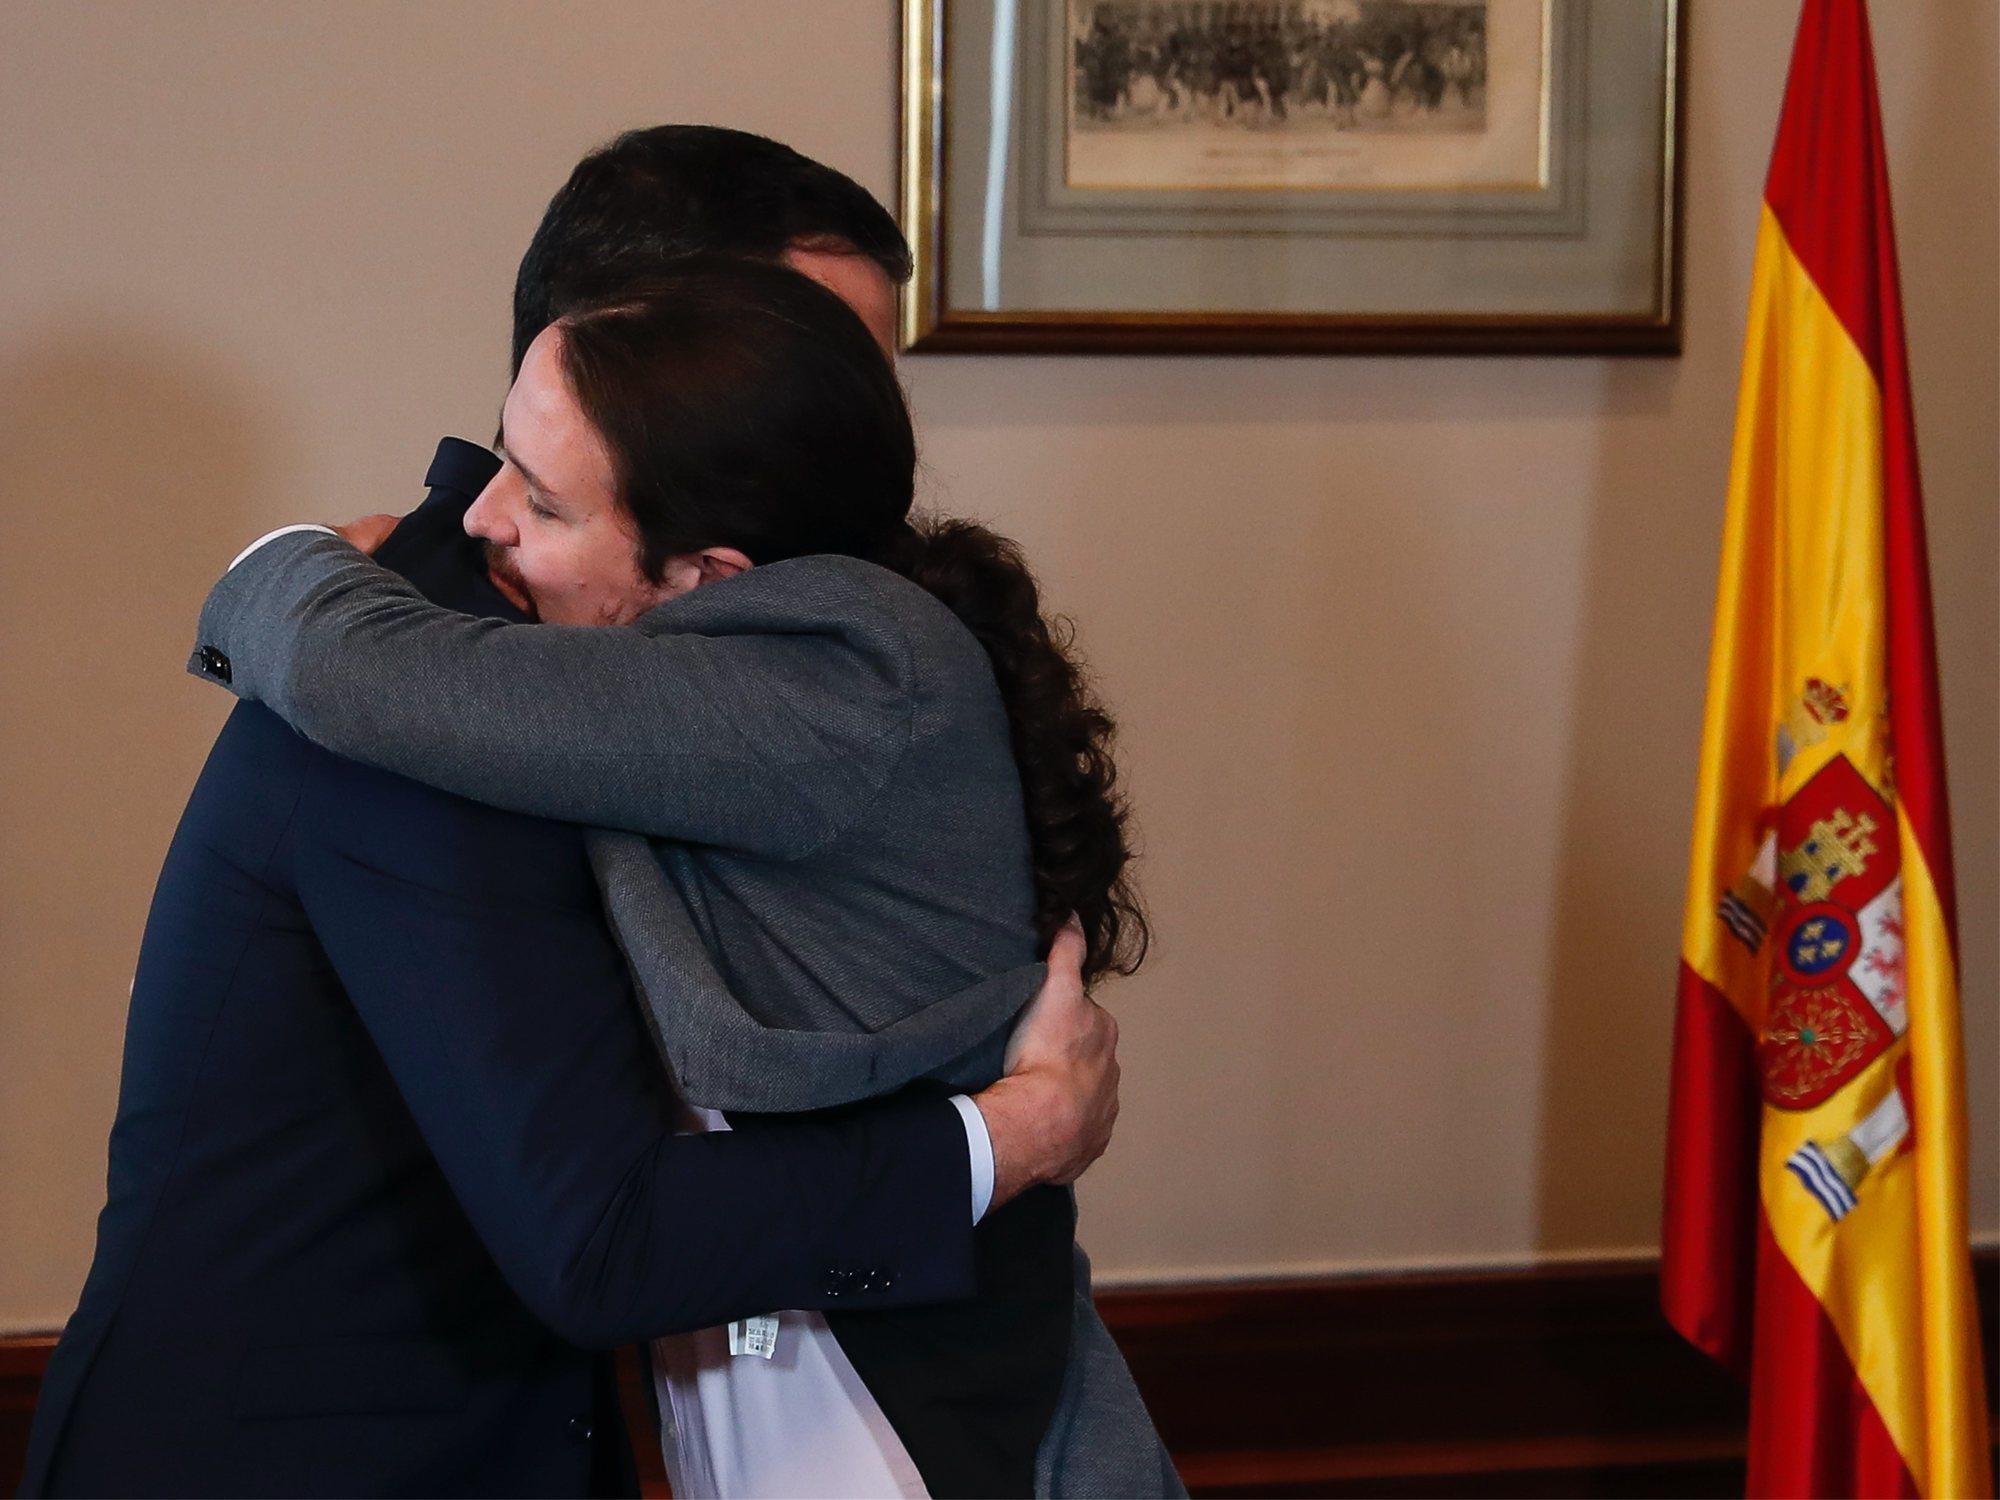 Gobierno de coalición entre PSOE y Unidas Podemos: ¿Saldrá adelante?